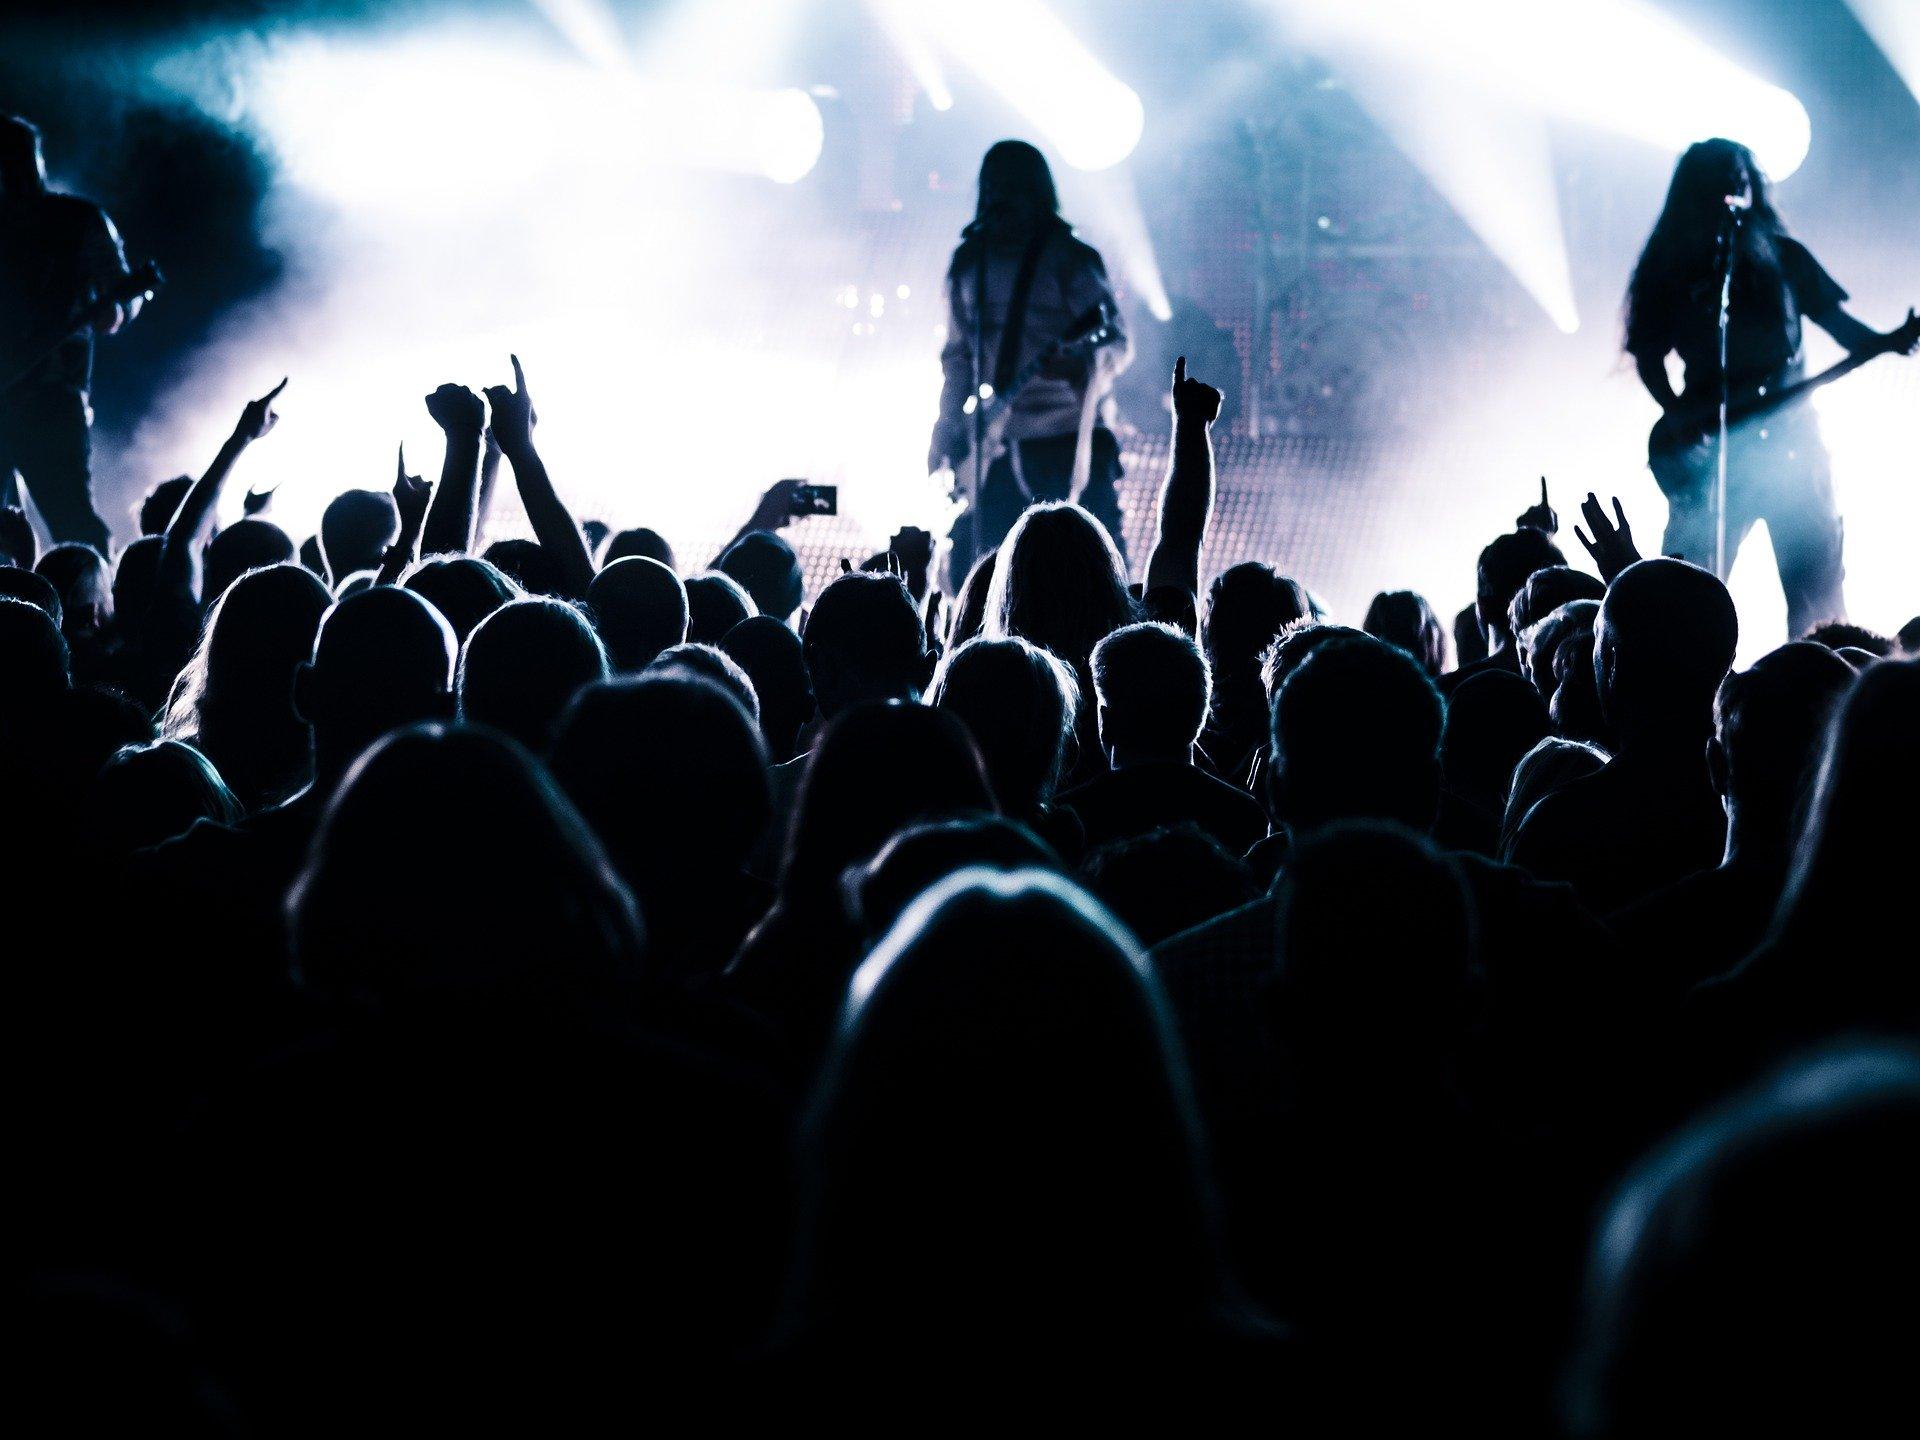 LISTA: 35 músicas para você escutar no Dia Mundial do Rock